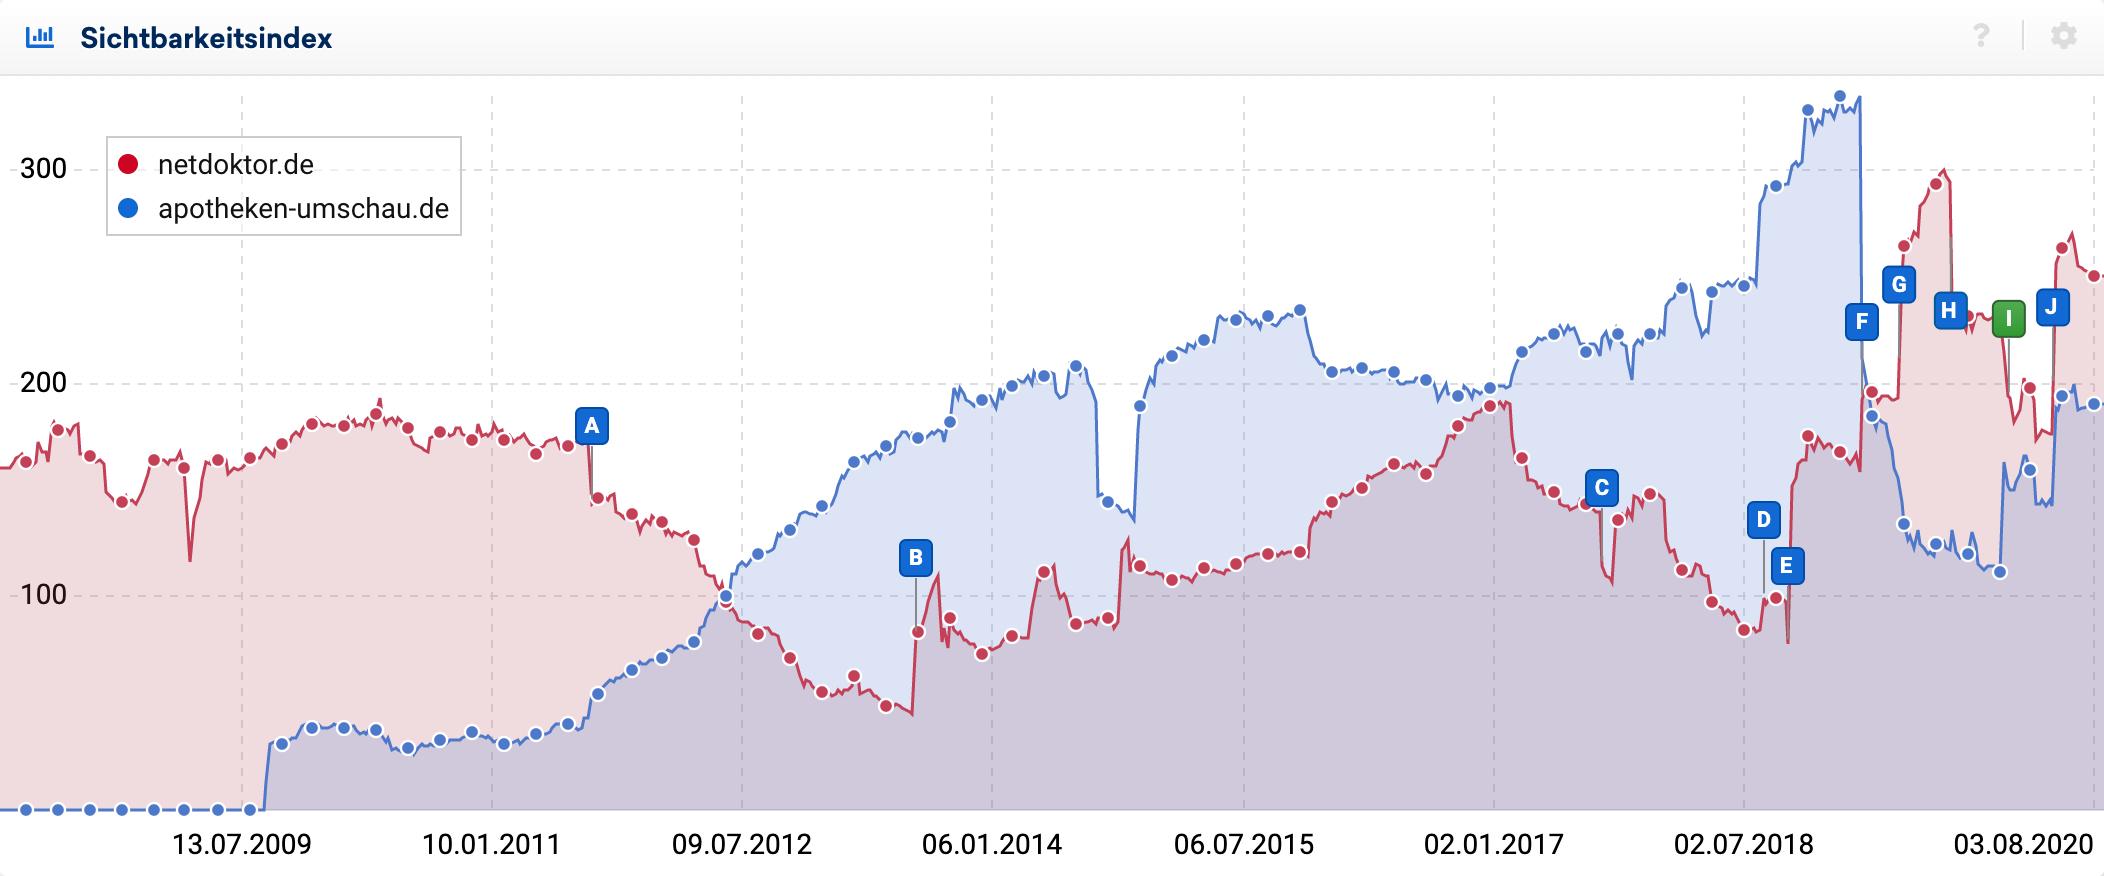 Sichtbarkeits-Vergleich zwischen den Domains netdoktor.de und apotheken-umschau.de. Es zeigt sich, dass Mitte 2019 die Sichtbarkeit der Apotheken-Umschau stark abgefallen ist und seitdem einen Abwärts-Trend beschreibt, während die Sichtbarkeit von Netdoktor seit Anfang 2019 Stufenweise stark ansteigt.